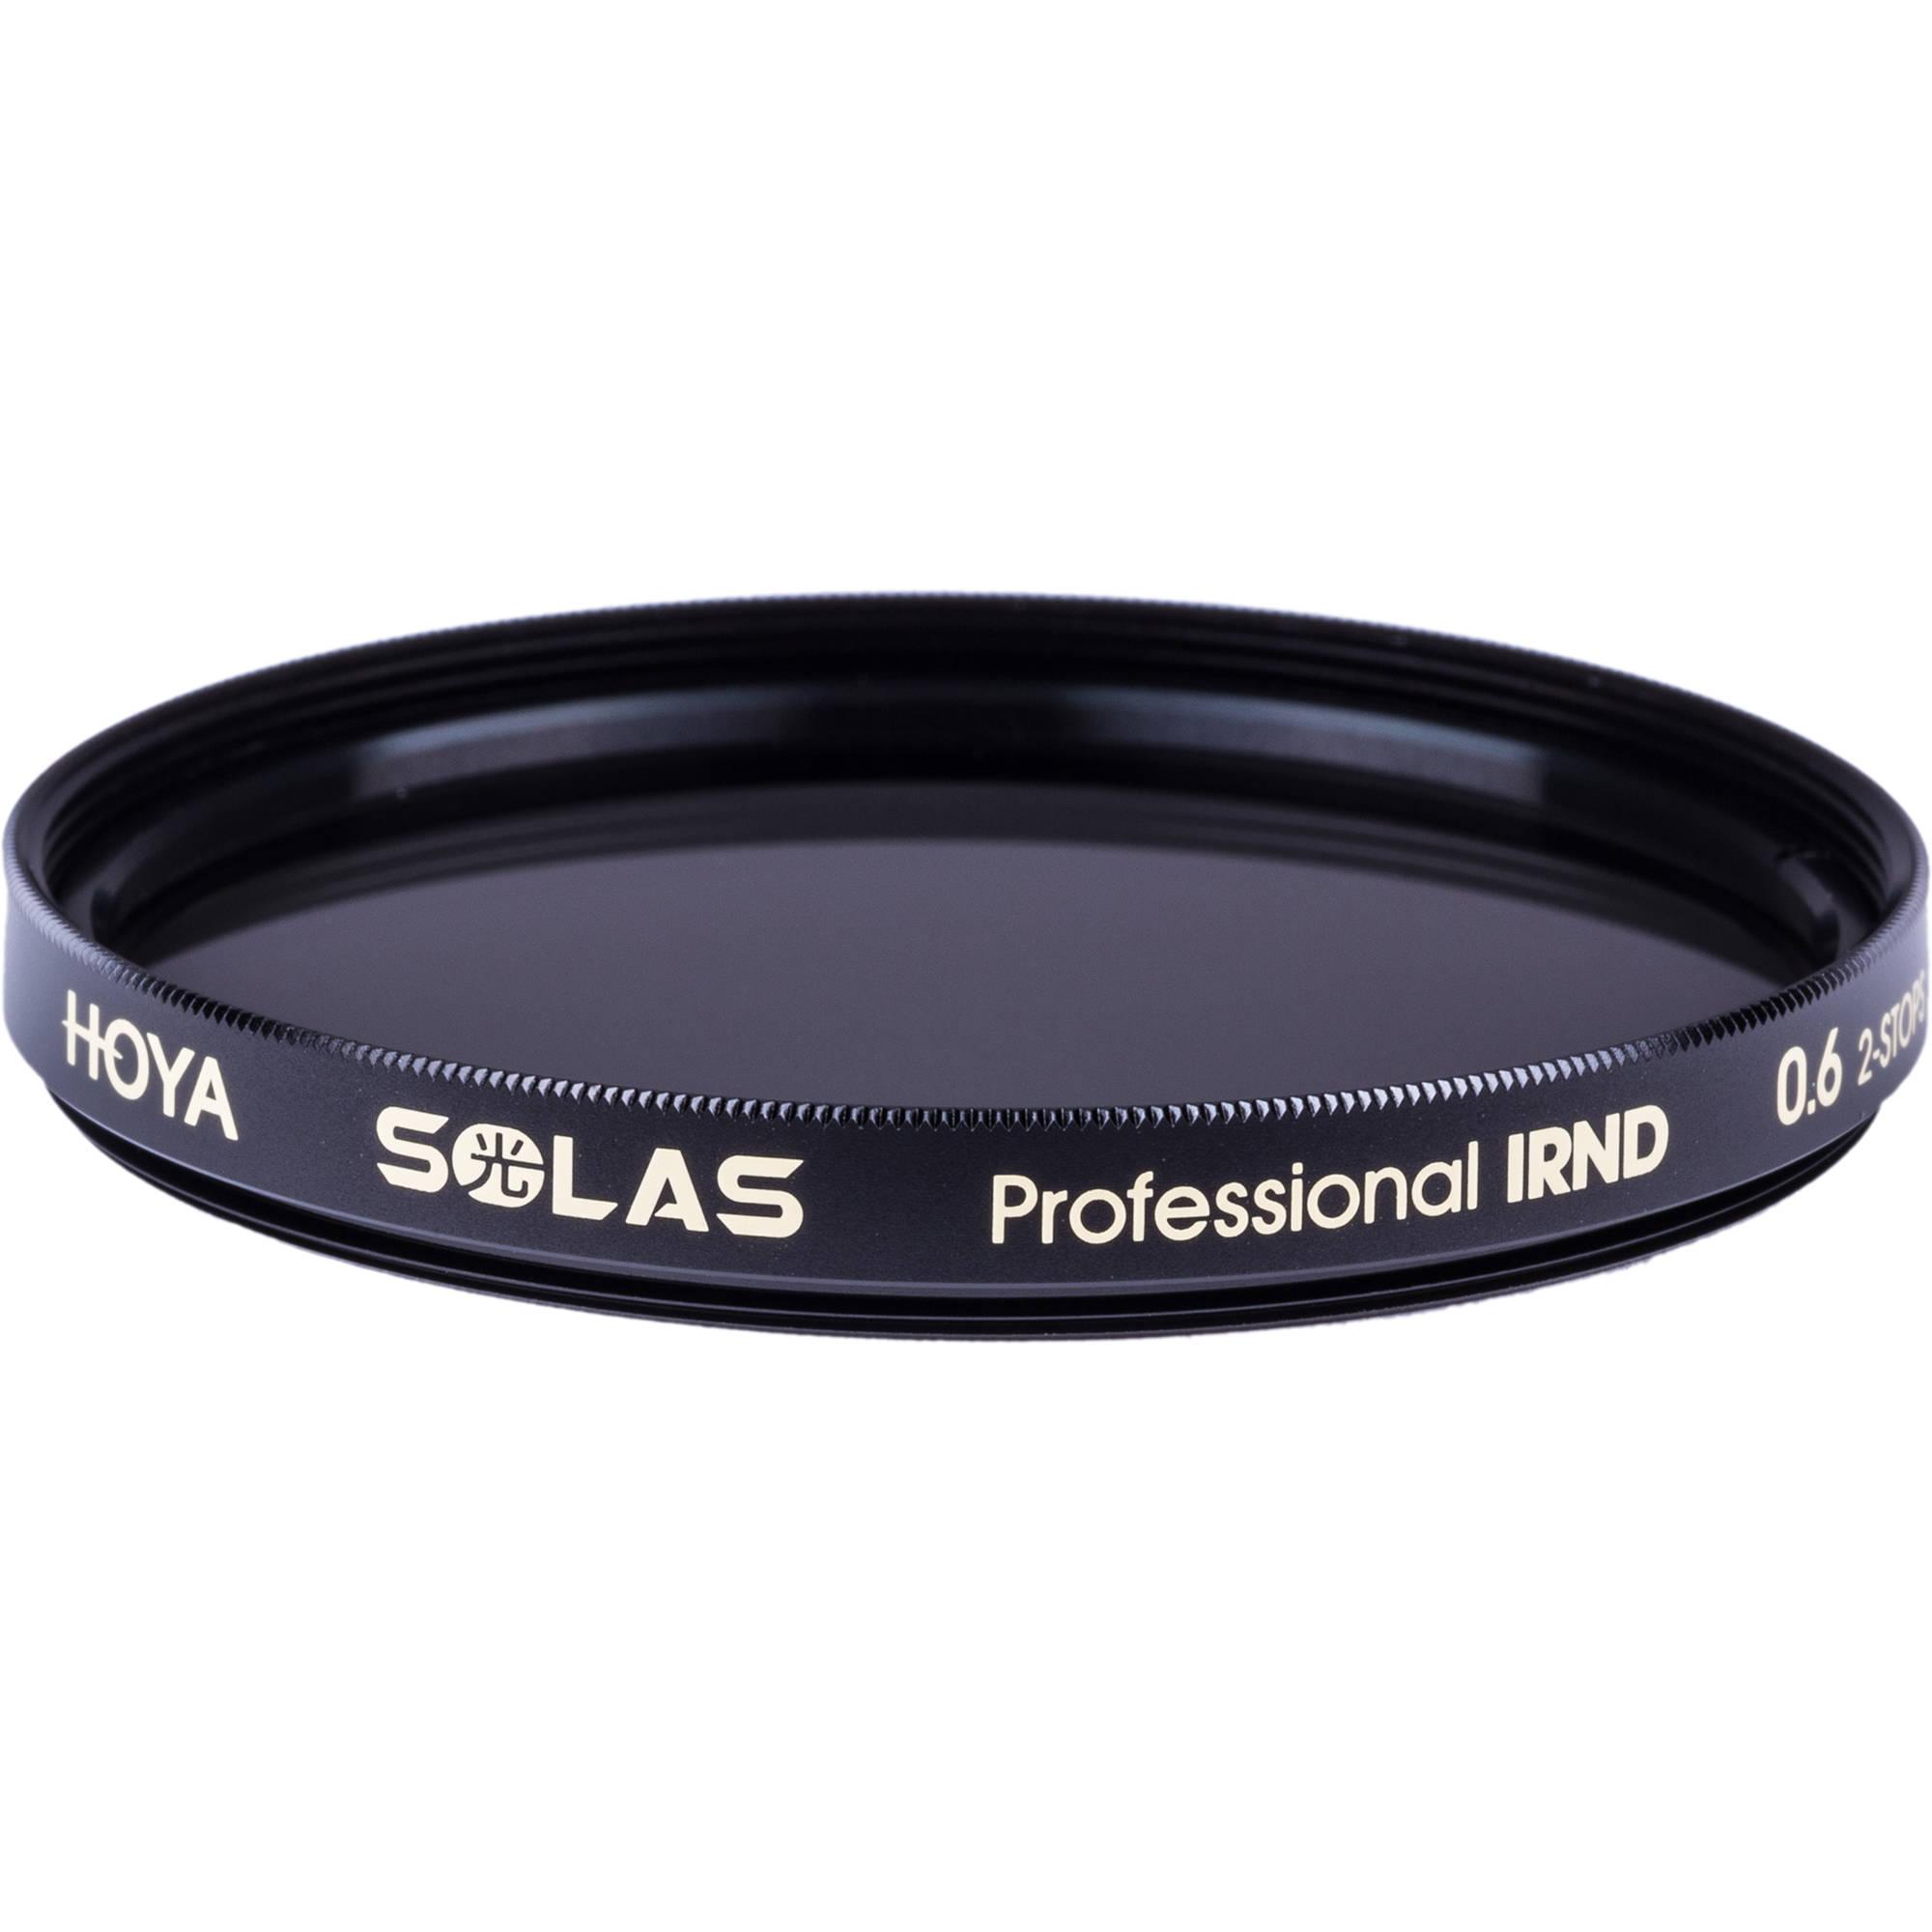 Hoya Solas IRND 0.6 77mm Infrared Neutral Density Filter